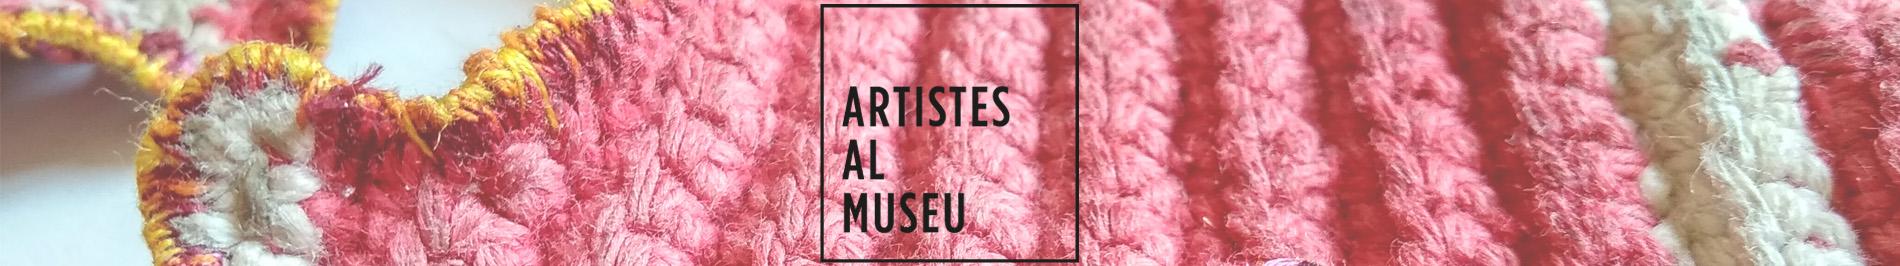 artistes al museu | mostres